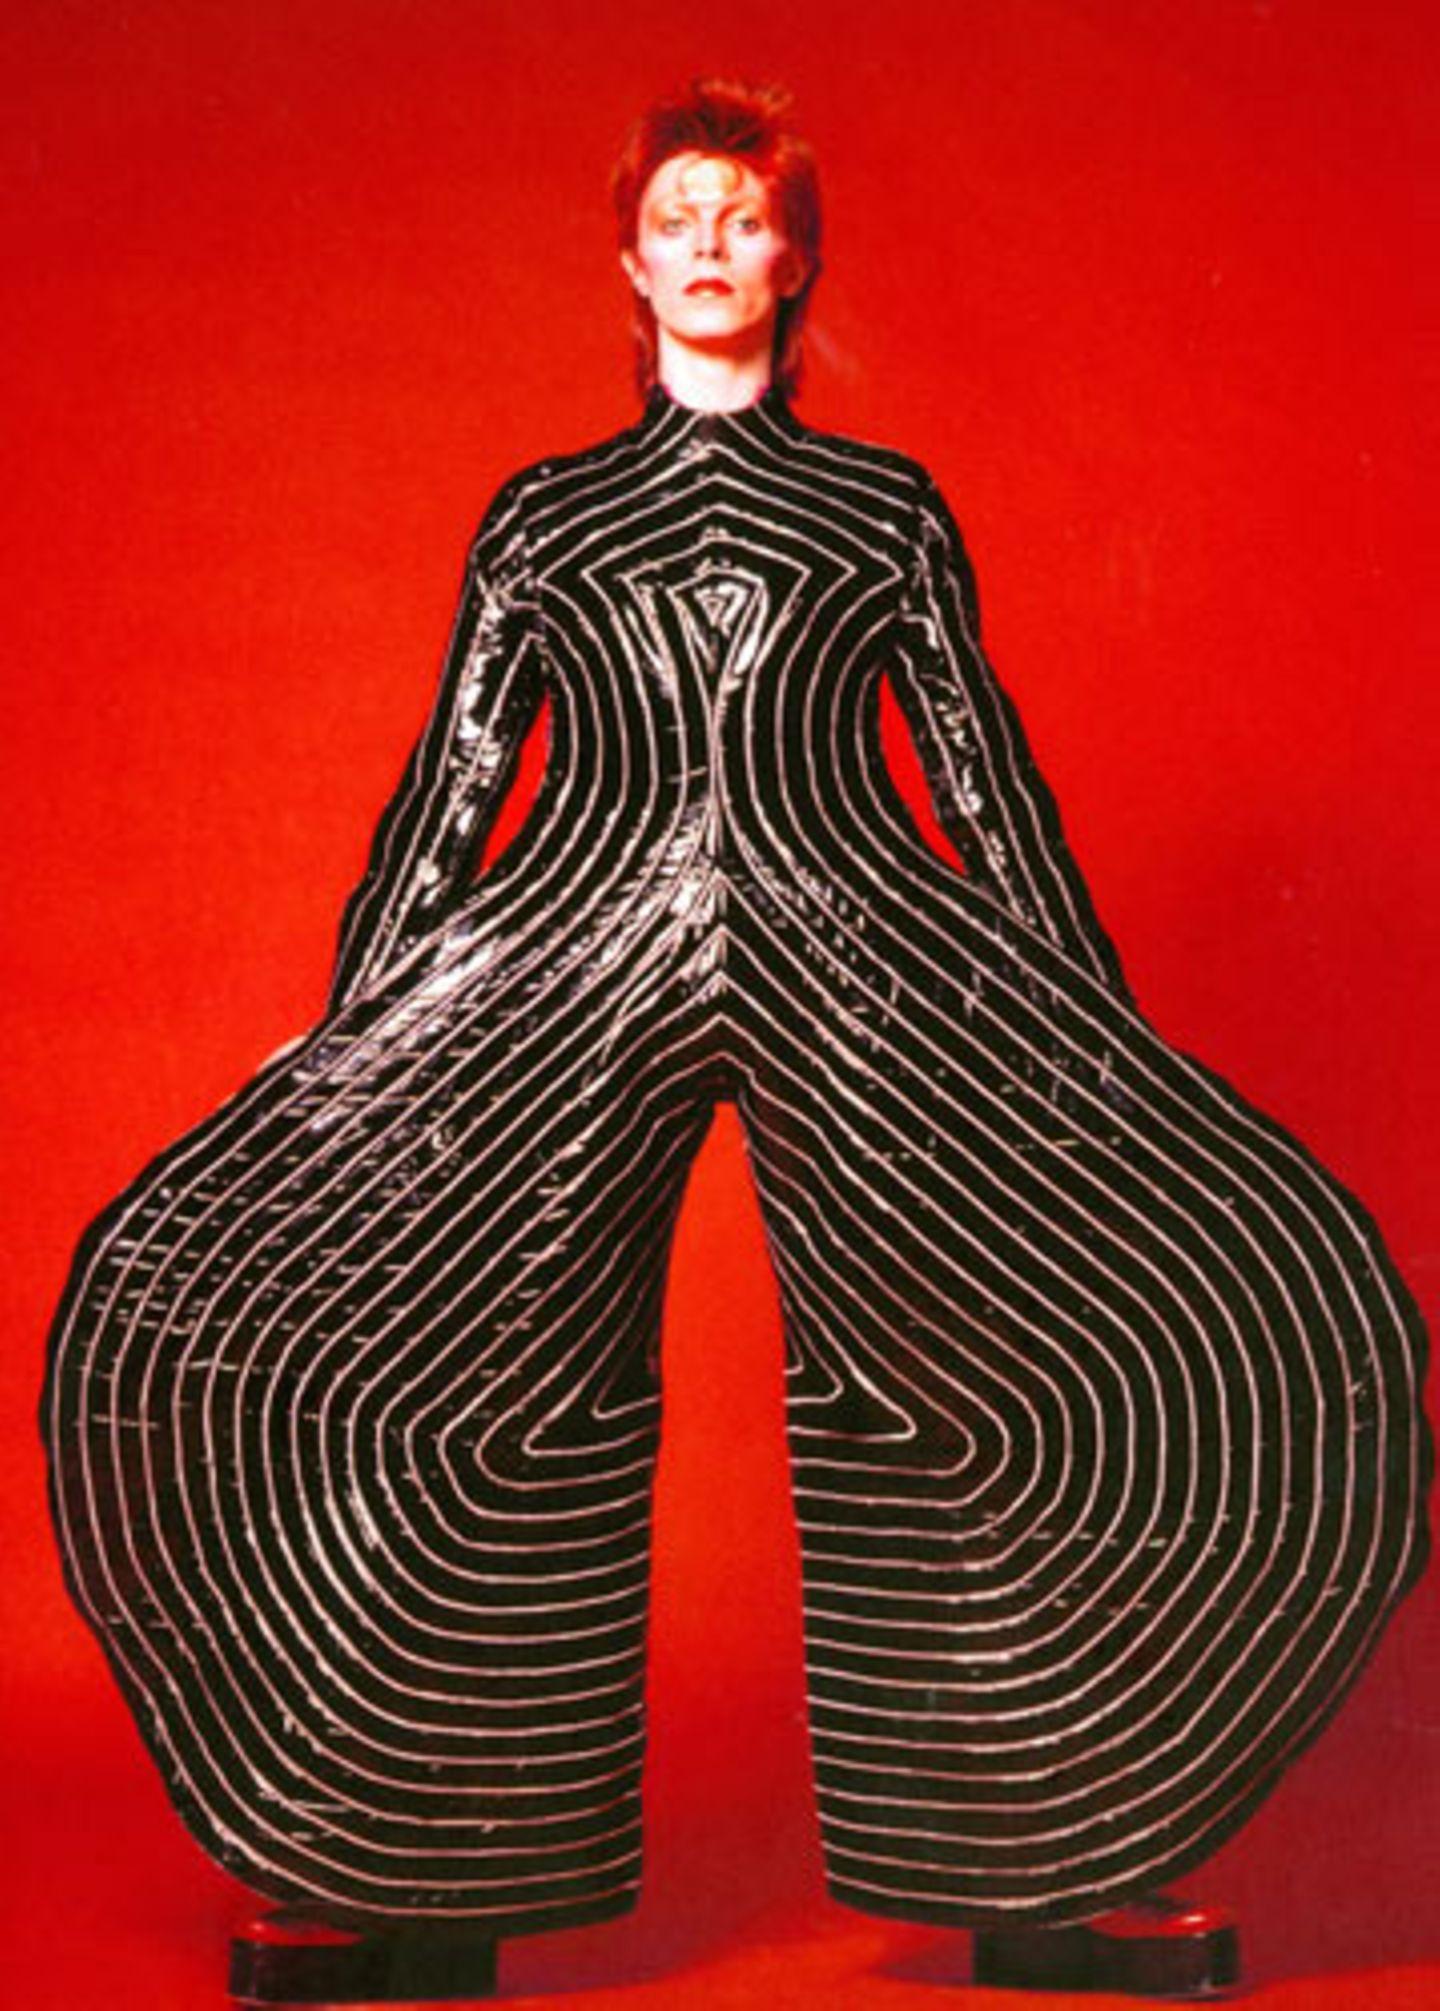 Gestreifter Anzug für die Aladdin-Sane-Tour, 1973 Entworfen von Kansai Yamamoto Fotografie von Masayoshi Sukita